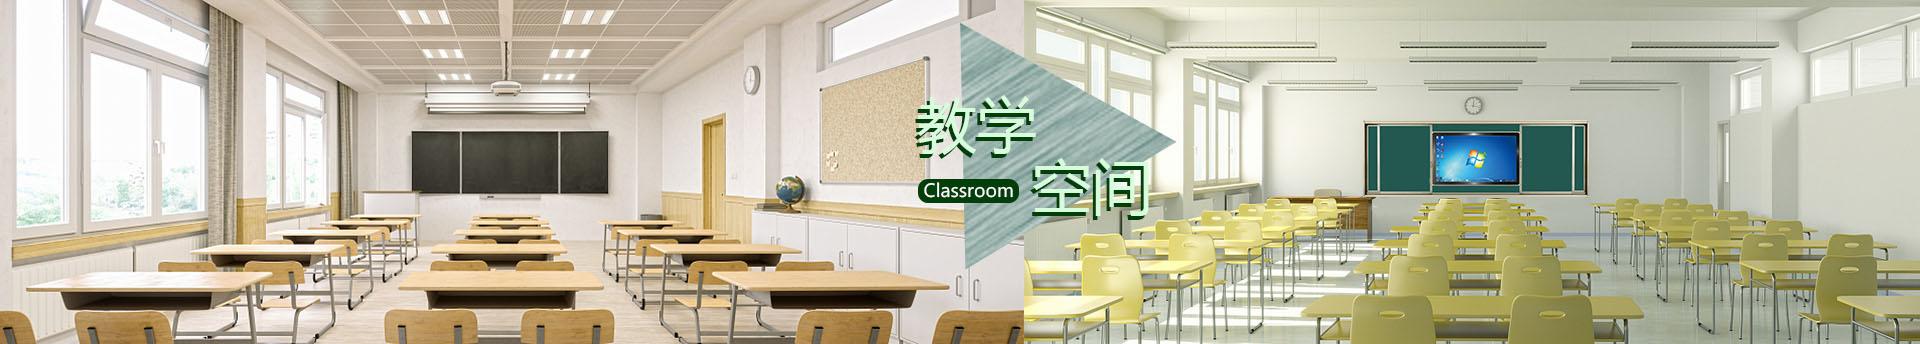 上海宏润博源学校-教室家具教学空间设计-教室空间设计-SEEWIN诗敏学校家具解决方案国际学校家具-学生课桌椅-学生宿舍床-未来教室家具-上海诗敏学校家具厂家